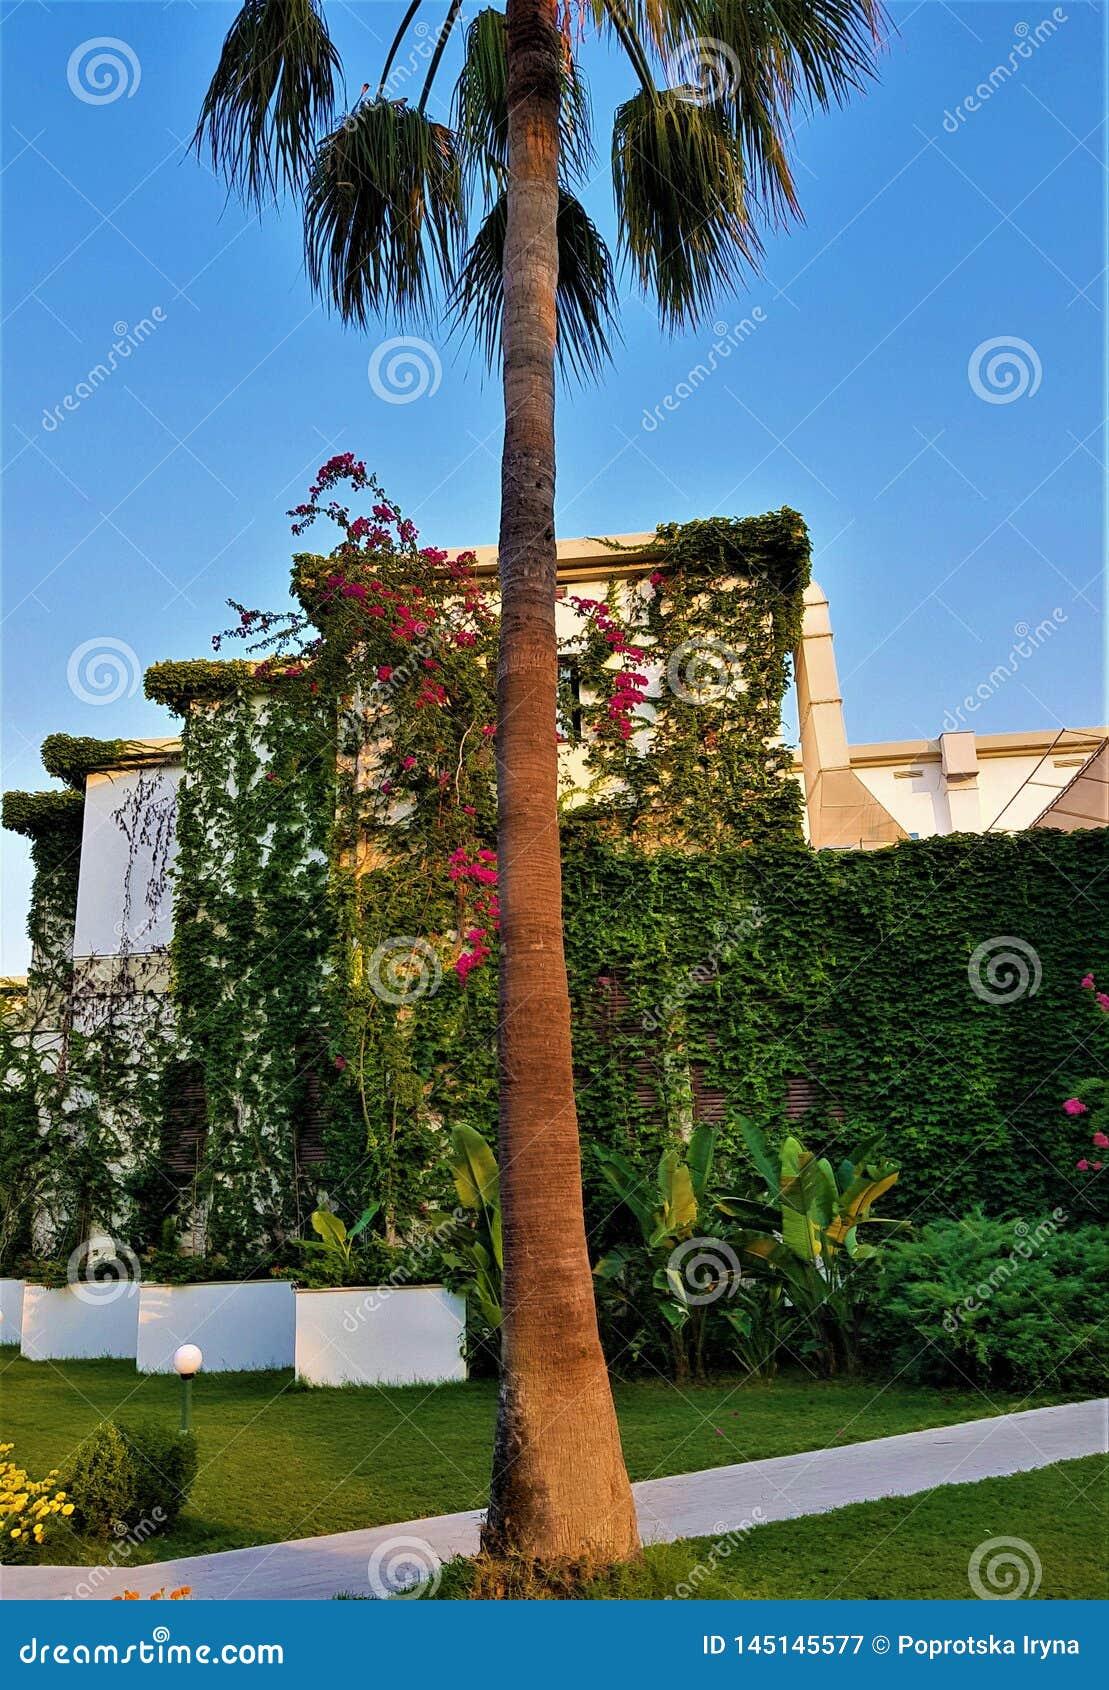 Palmiers, fleurs et lianes dans l hôtel de famille, Kemer, Turquie